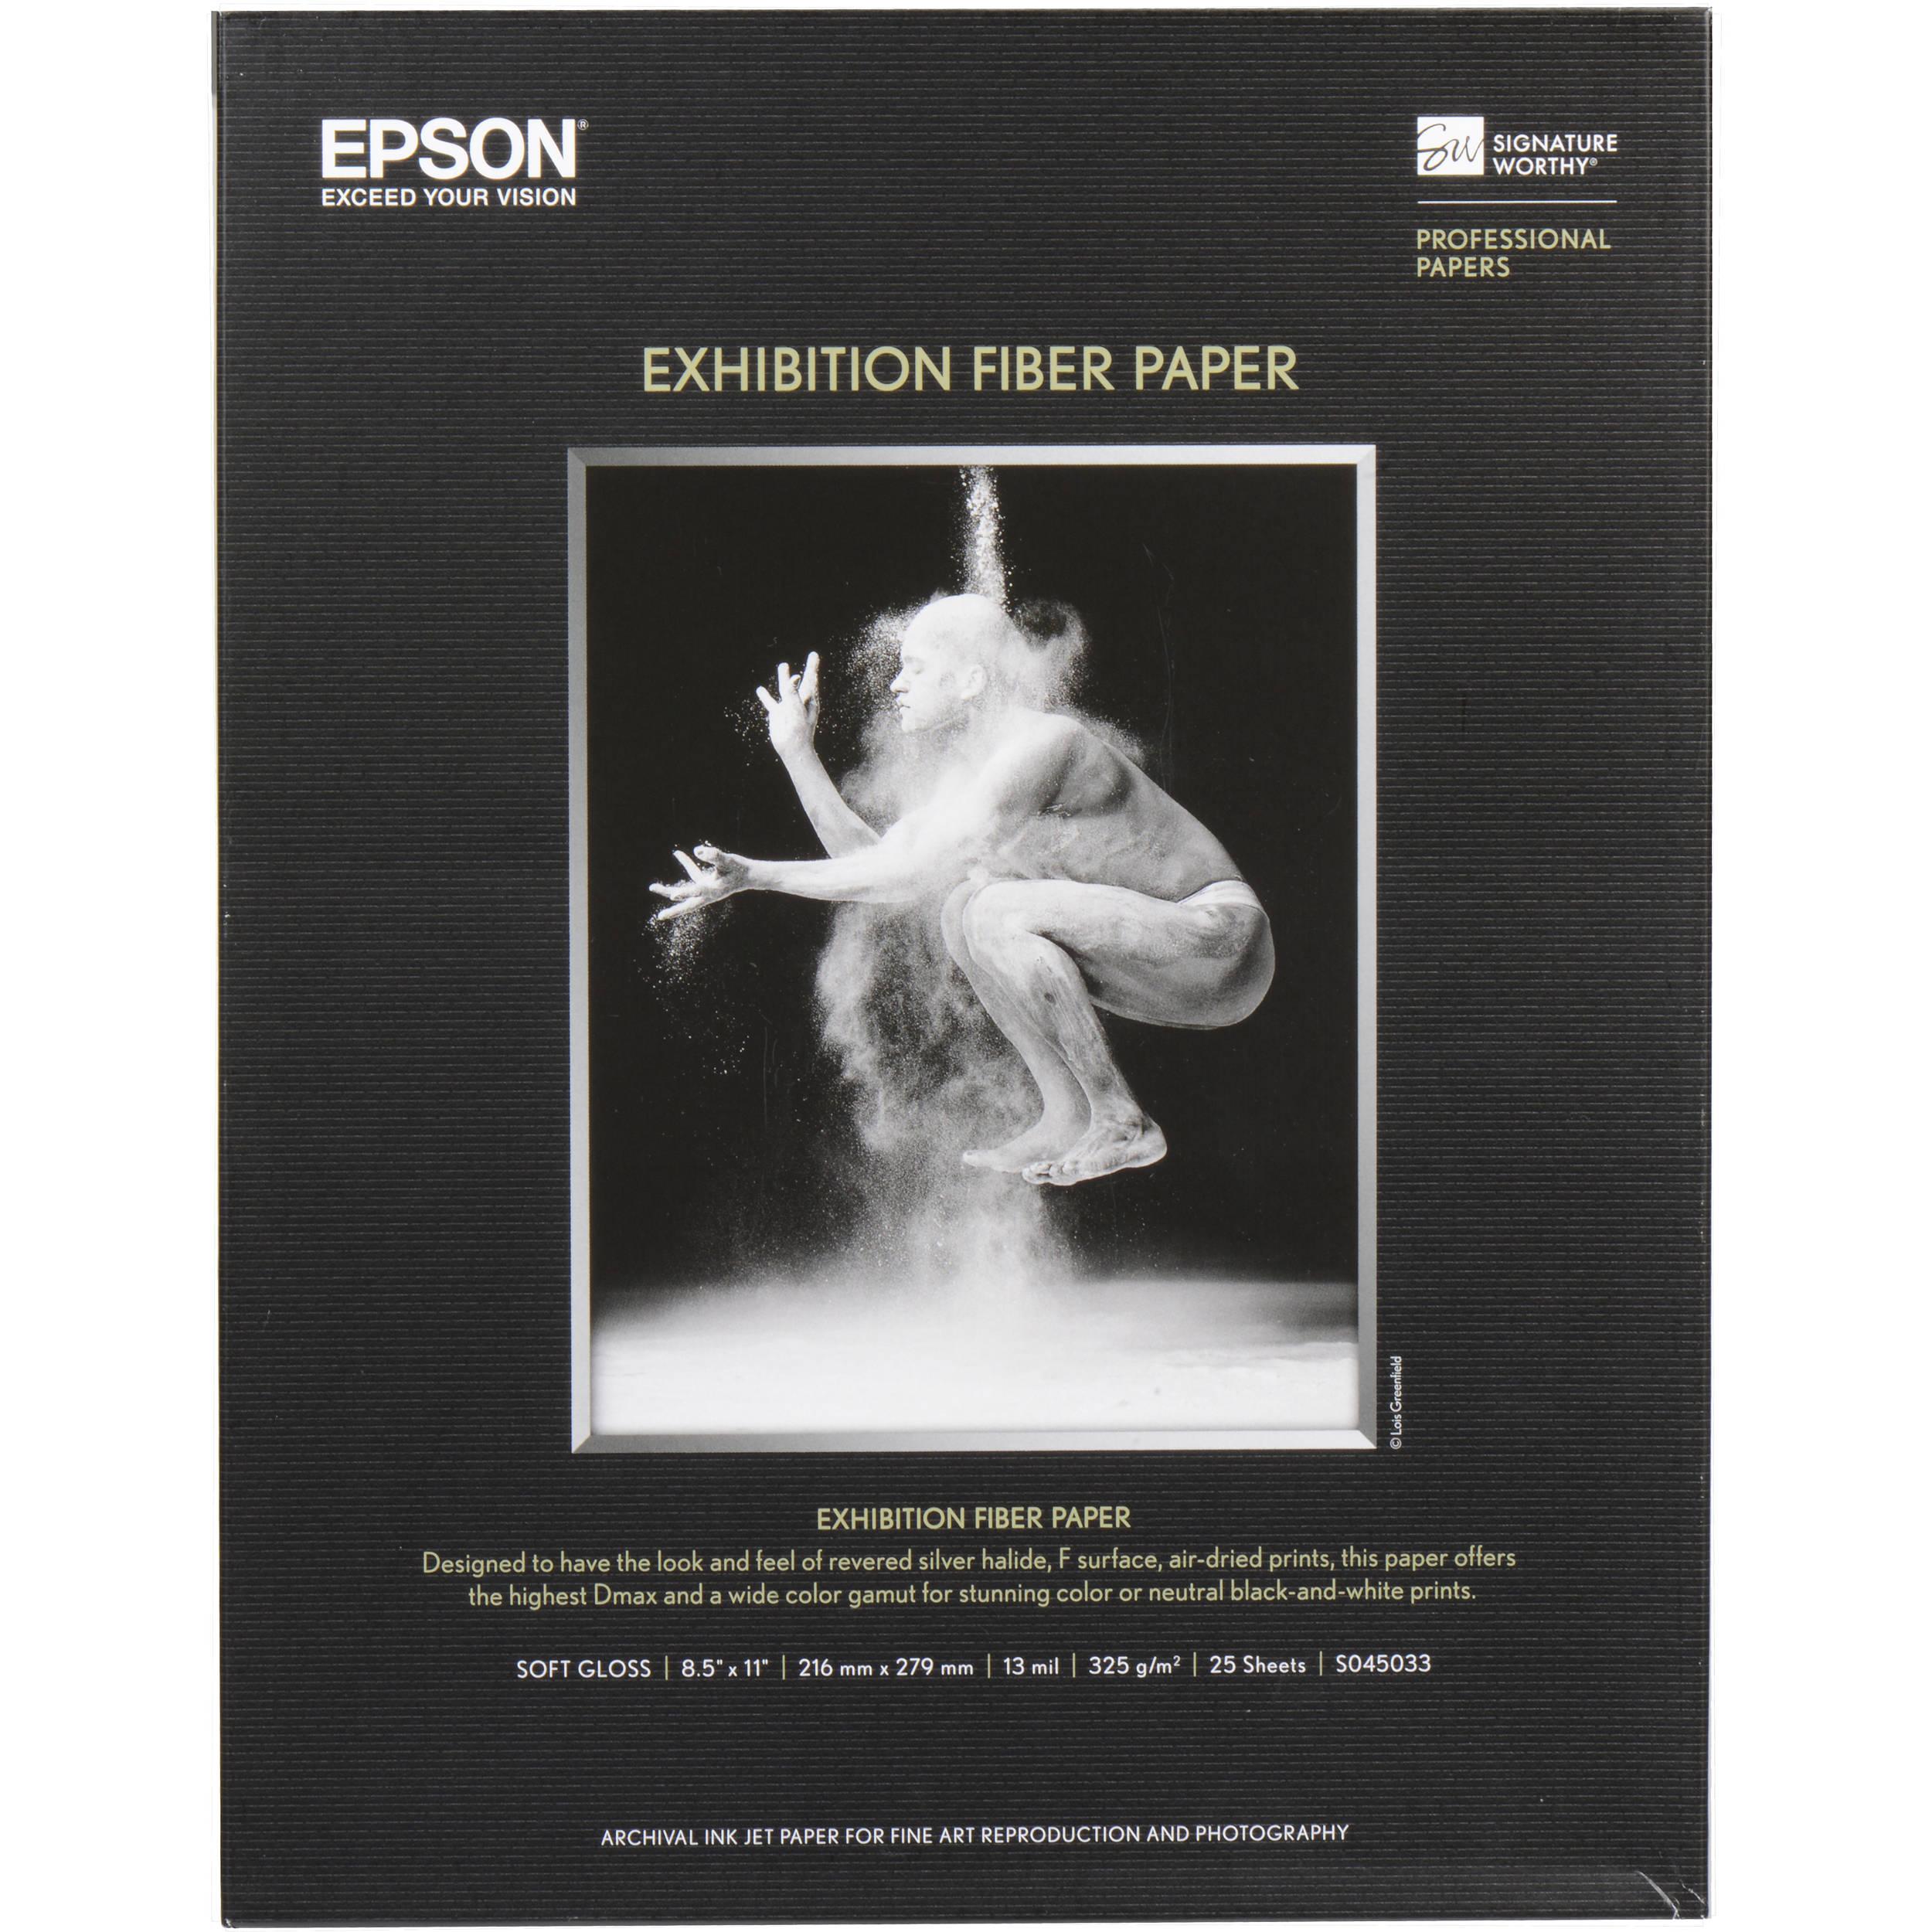 Epson Exhibition Fiber Paper 85 X 11 25 Sheets